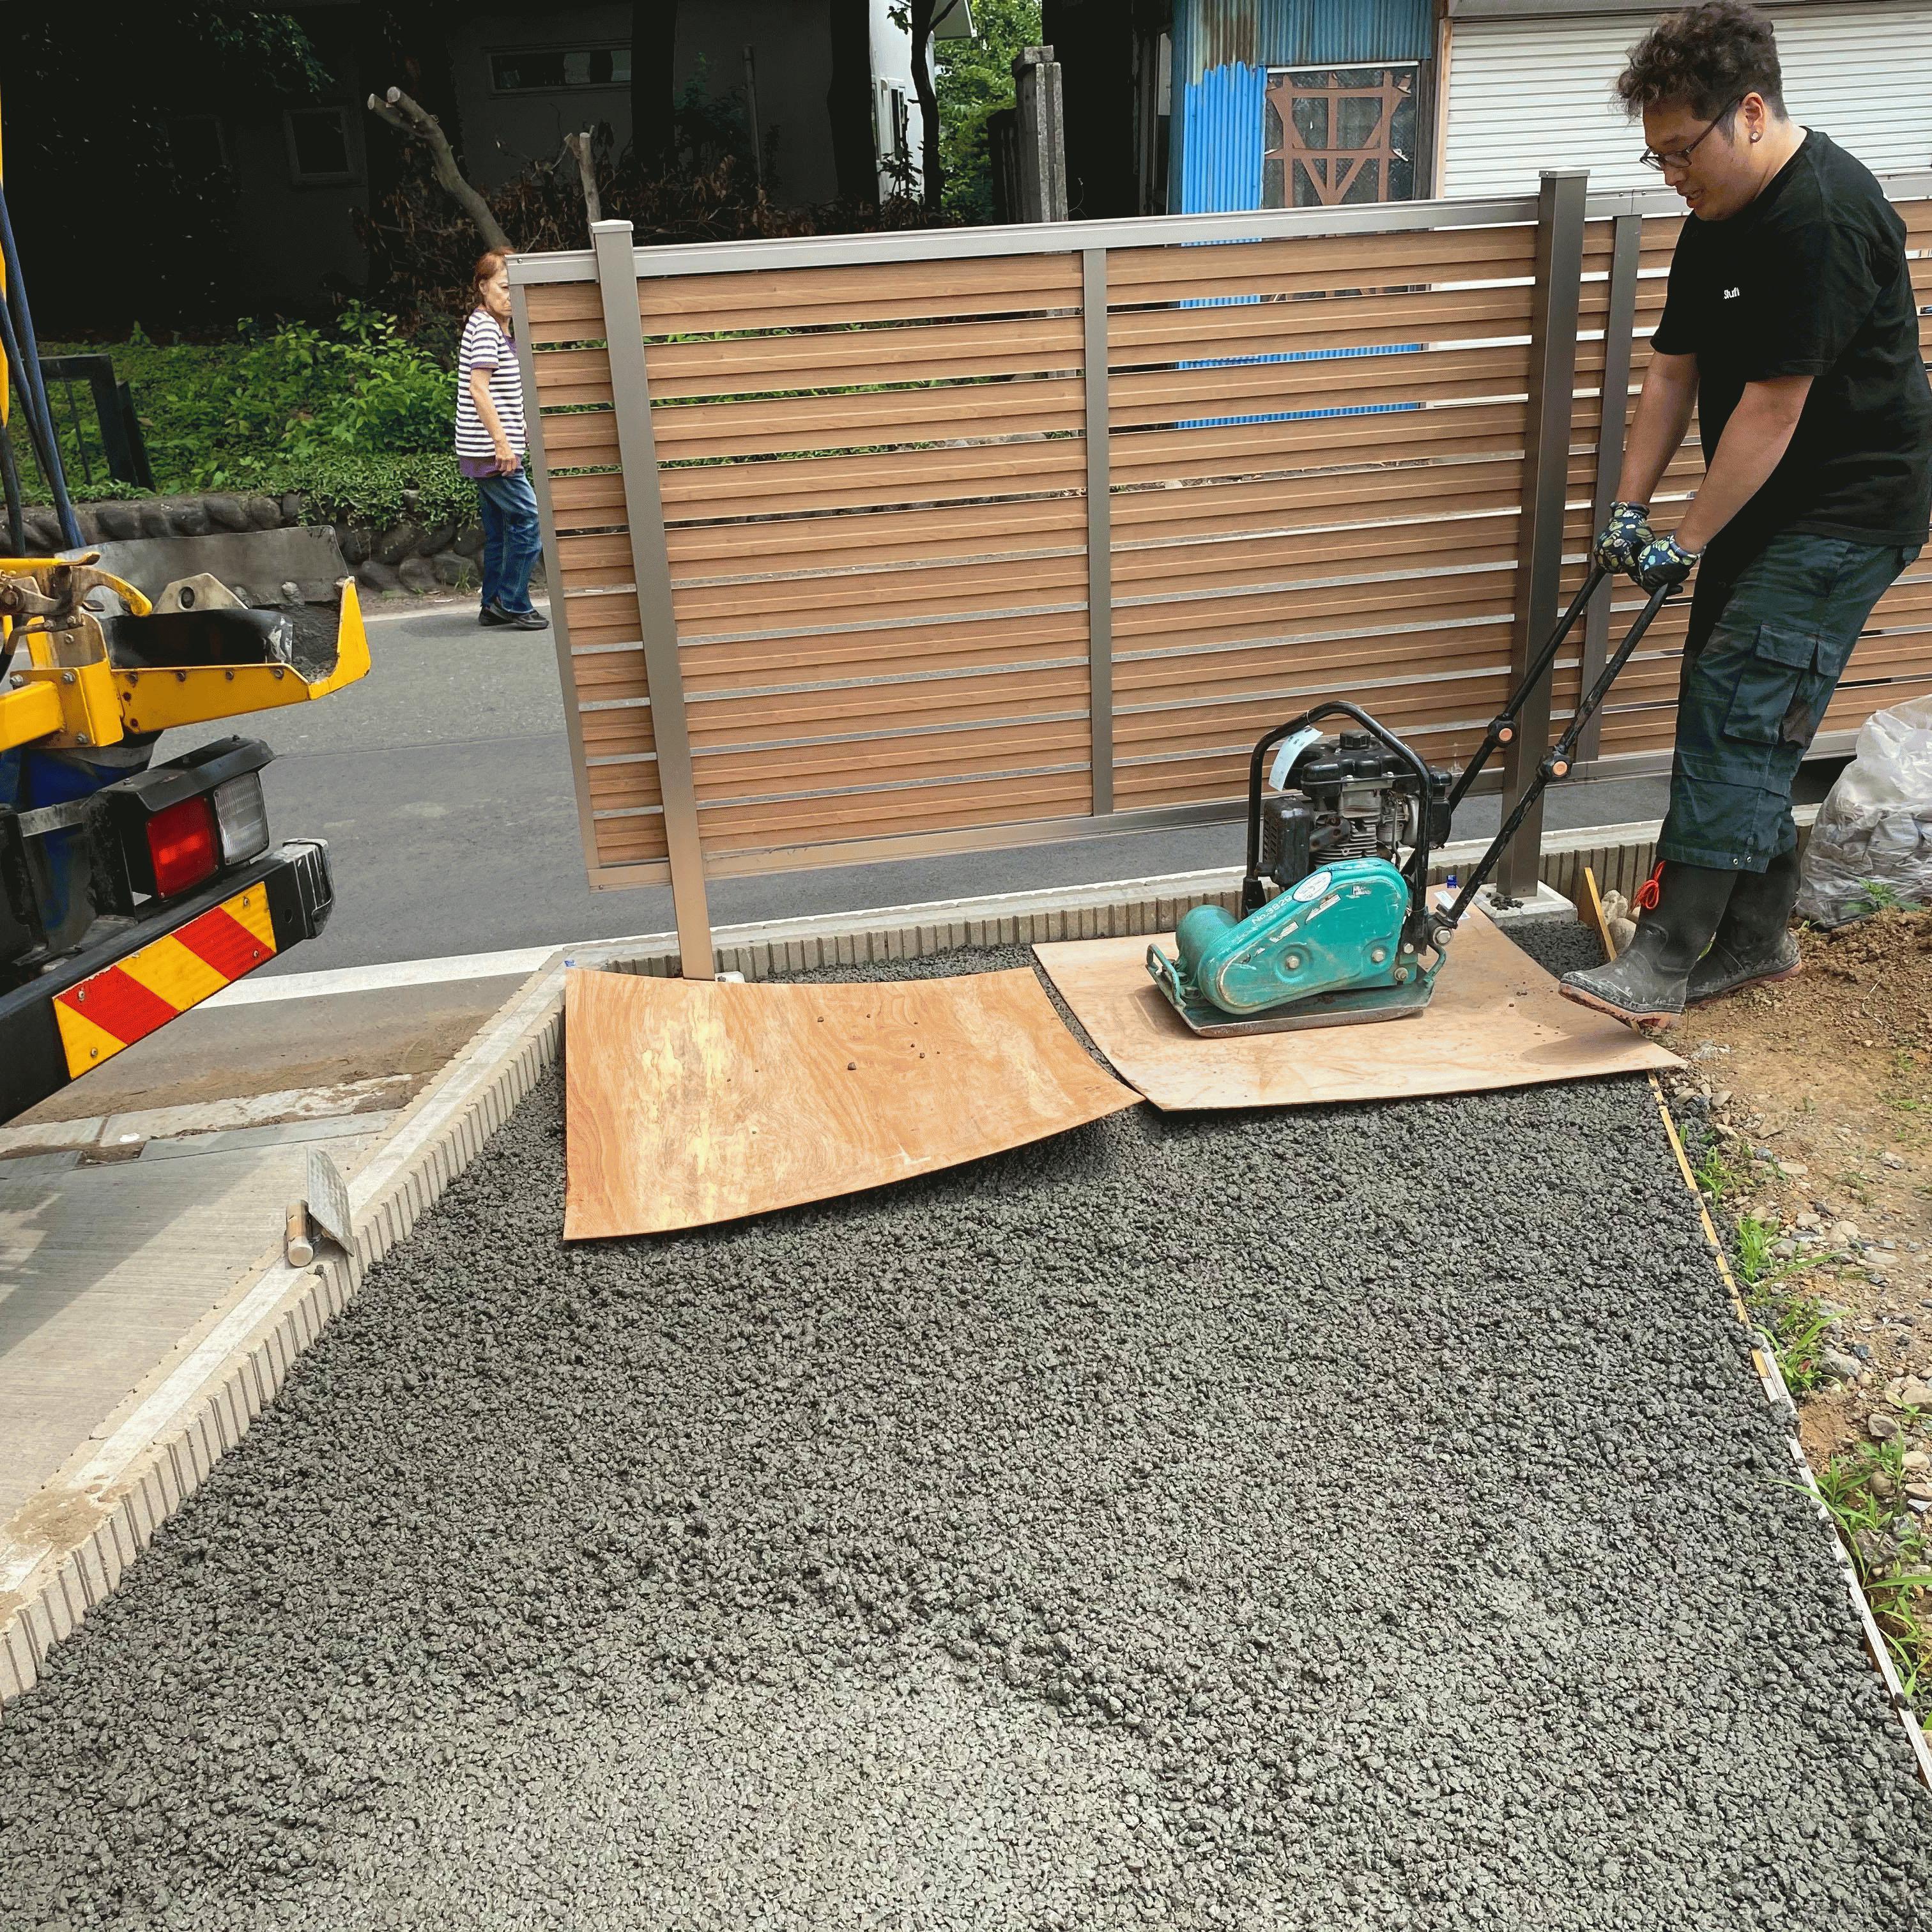 【埼玉】「防草シートに砂利を敷いても1年で草が出て来て大変」「お金を貯めて計画します」物置の基礎コンクリート